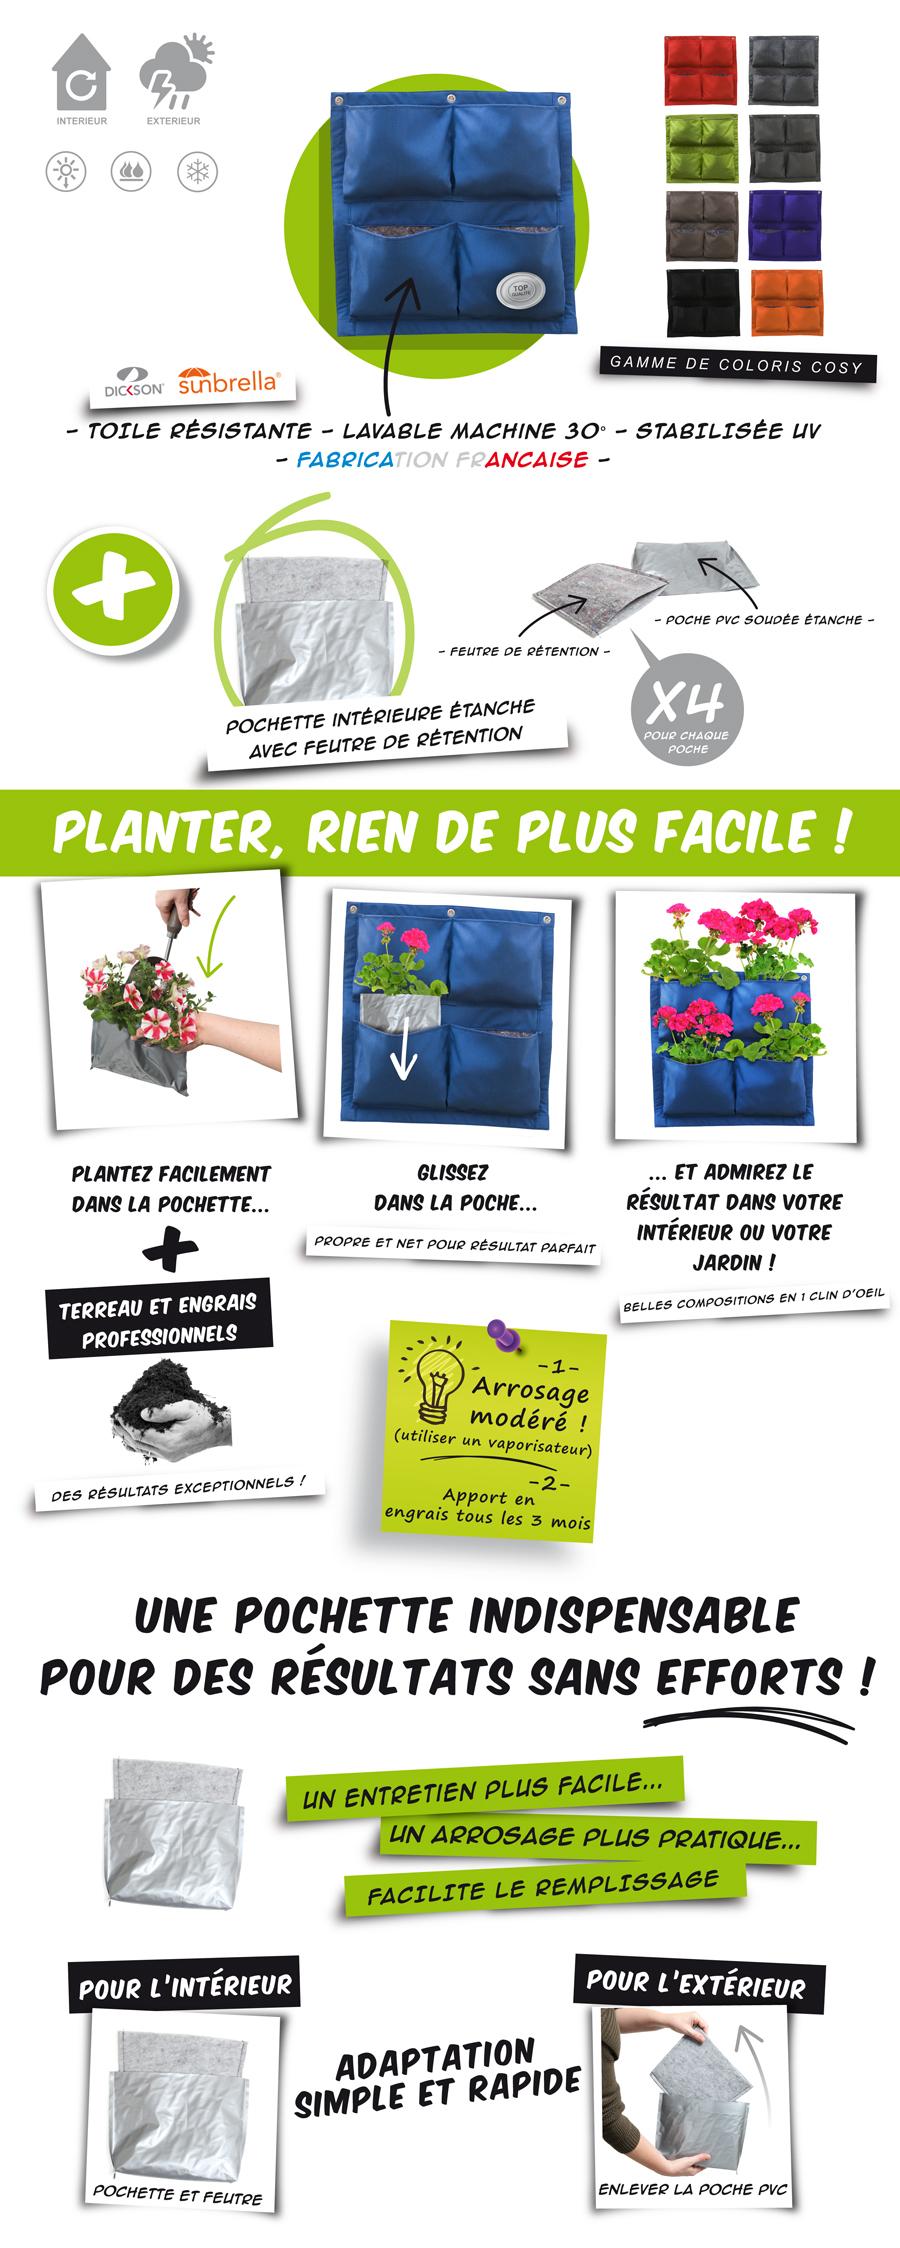 mur vegetal pour decorer vos jardins suspendus exterieurs